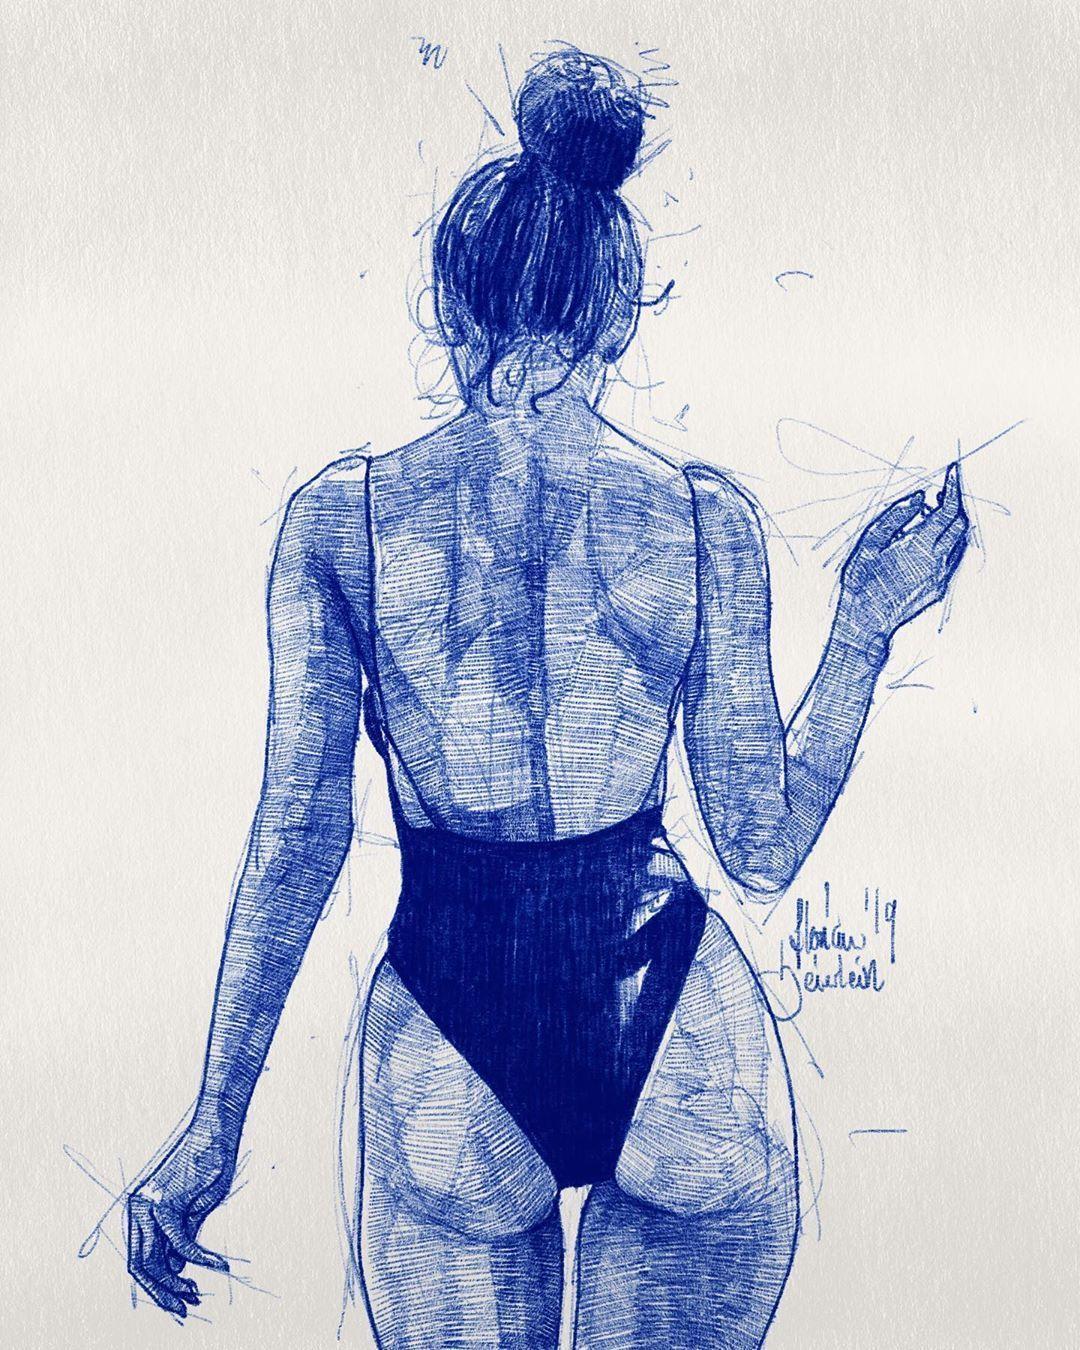 """Flo Beierlein on Instagram: """"Good night. . . #dutt #girl #ootd #break #body #chill #fitness #model i..."""